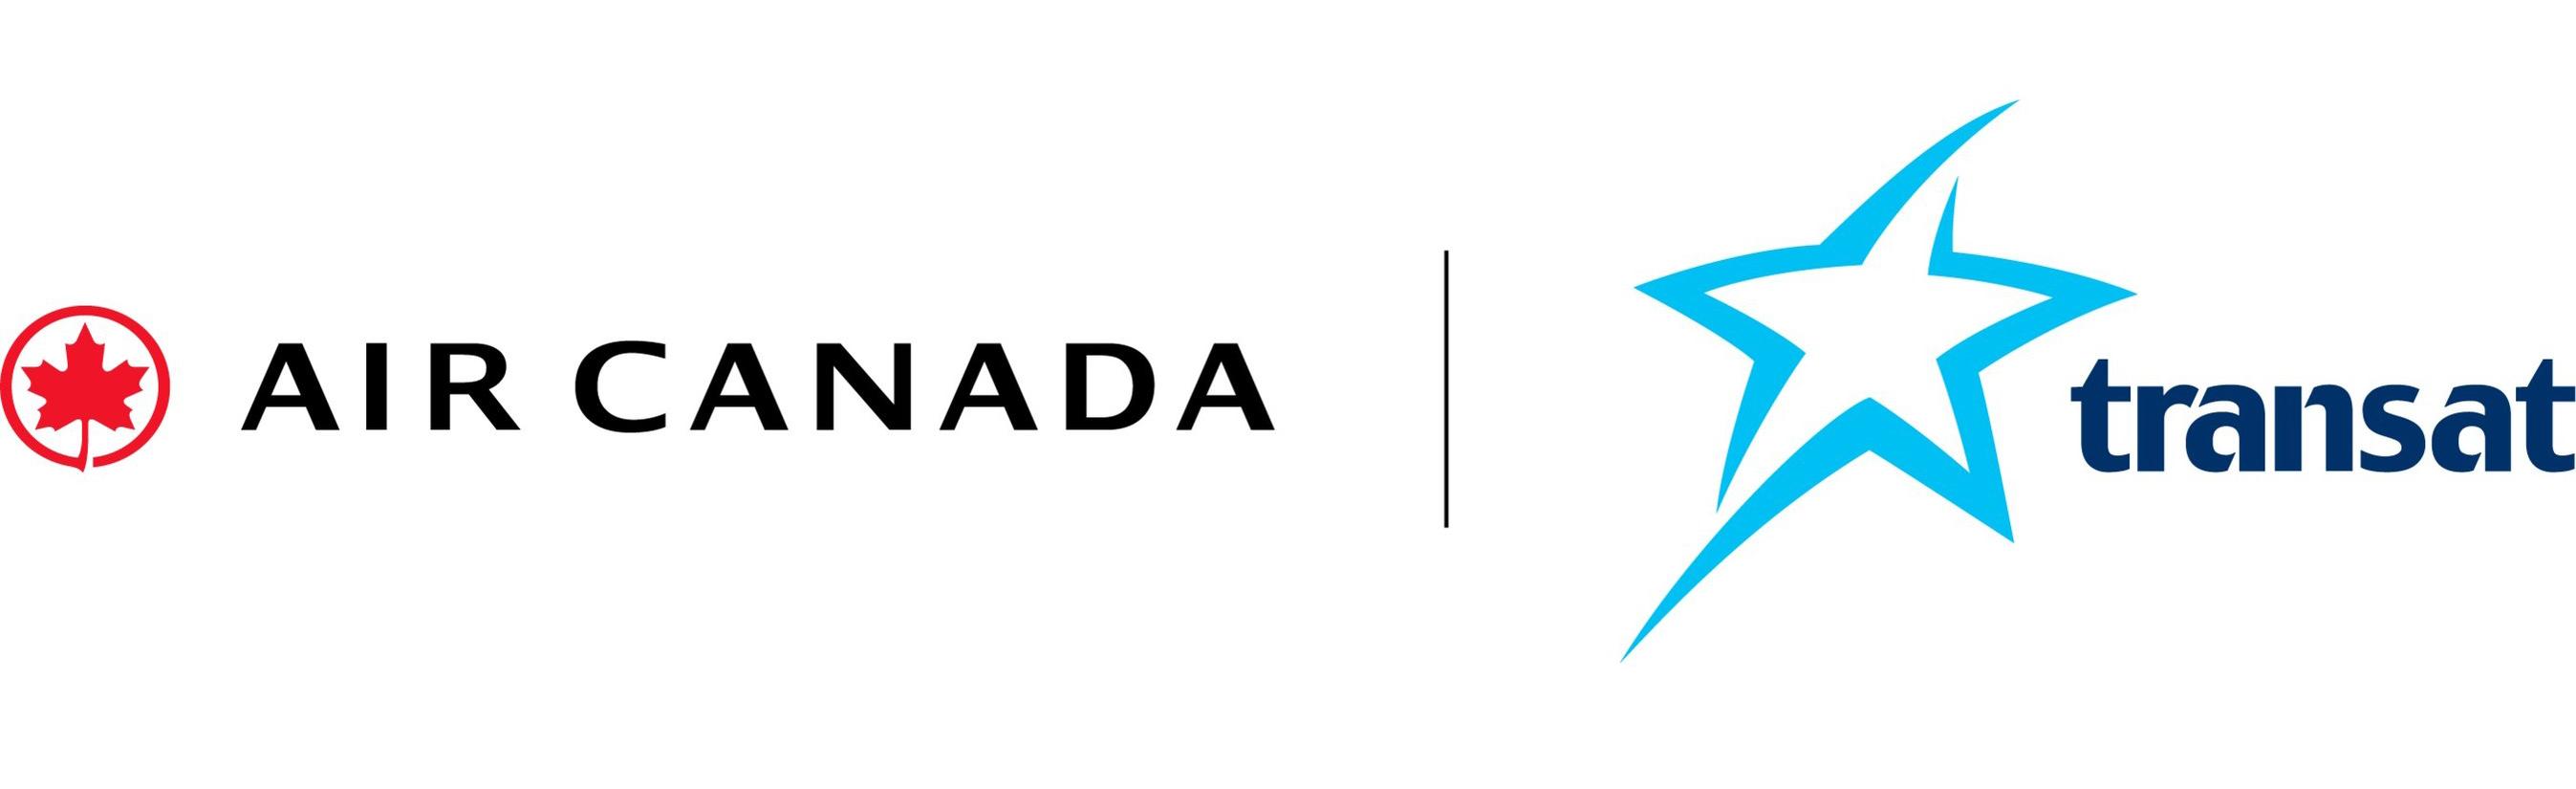 Air Canada - Air Transat